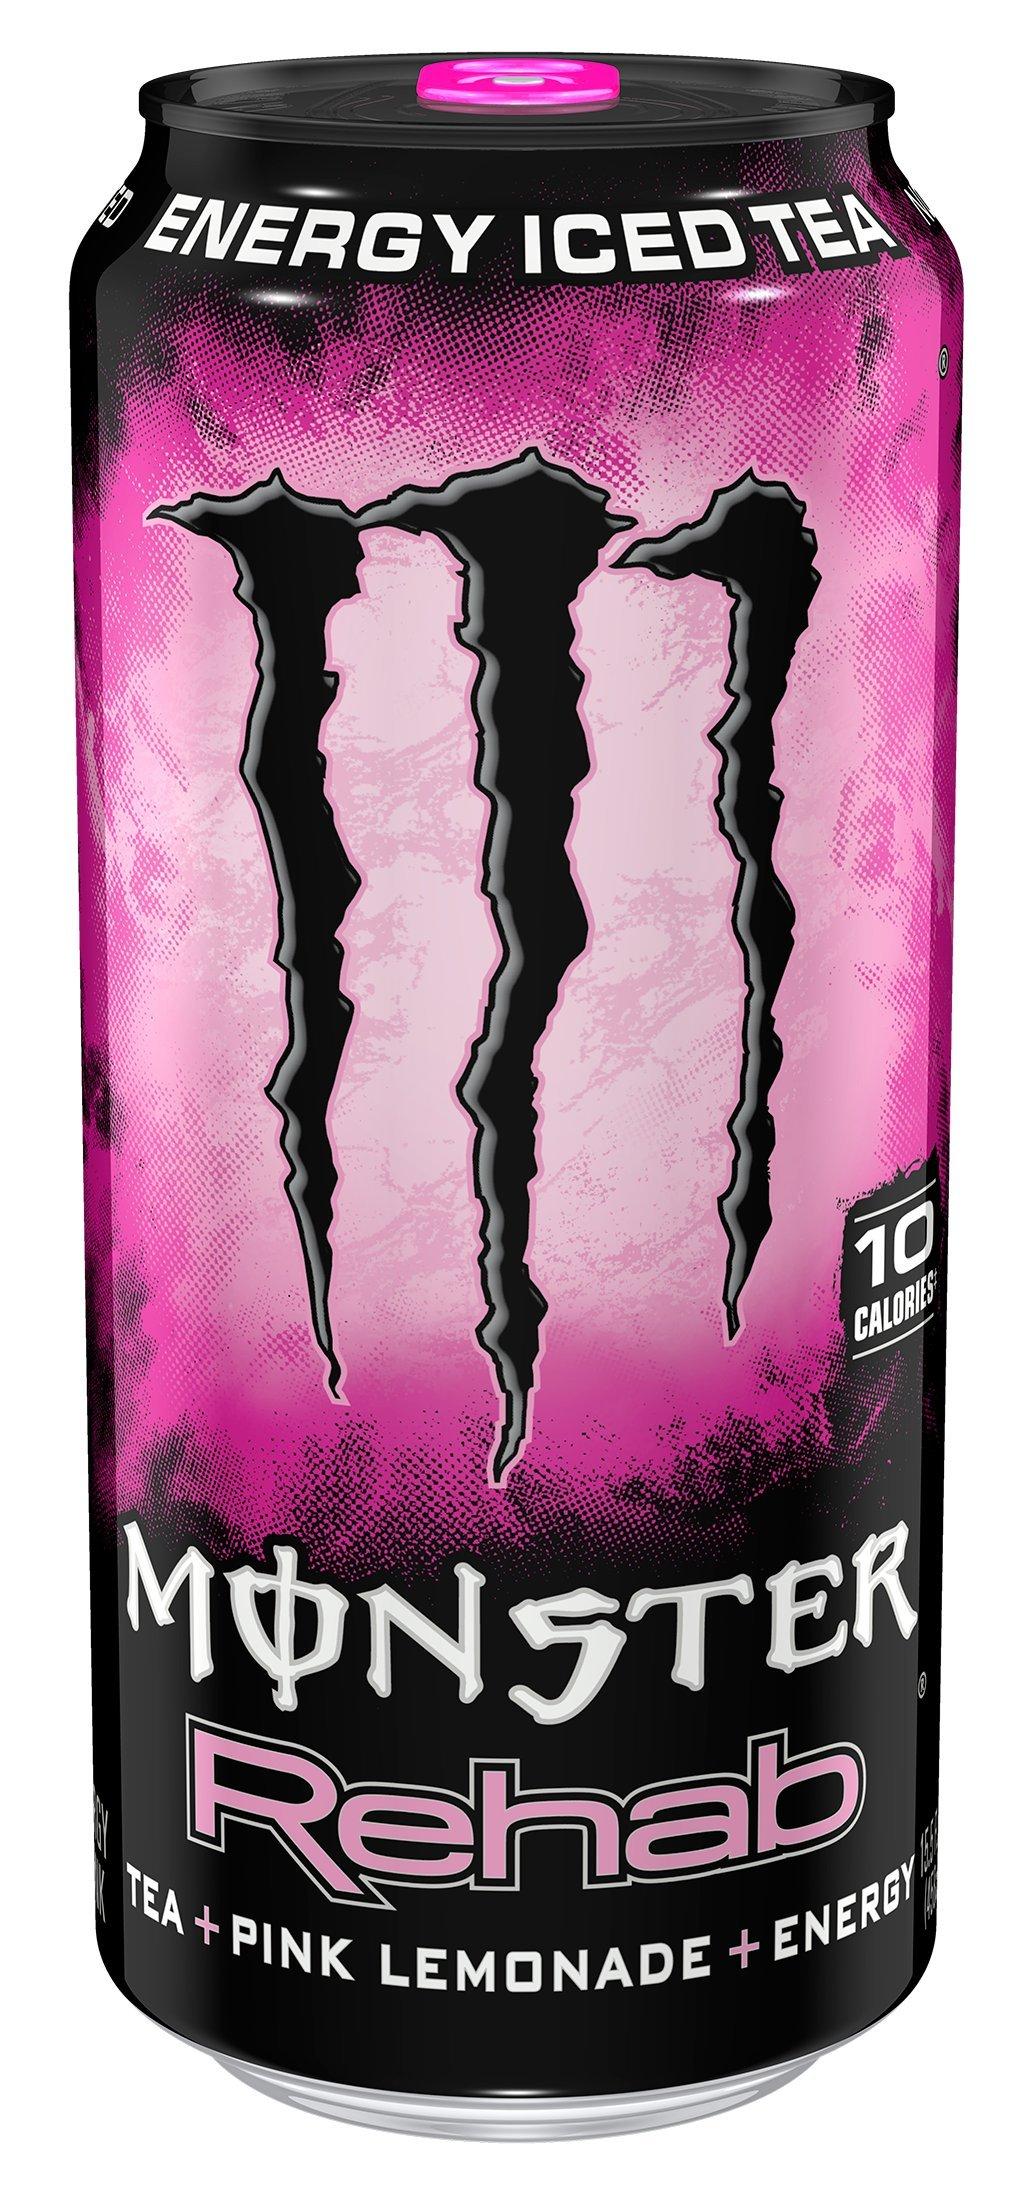 Monster Rehab, Tea + Pink Lemonade + Energy, 15.5 Ounce (Pack of 24)